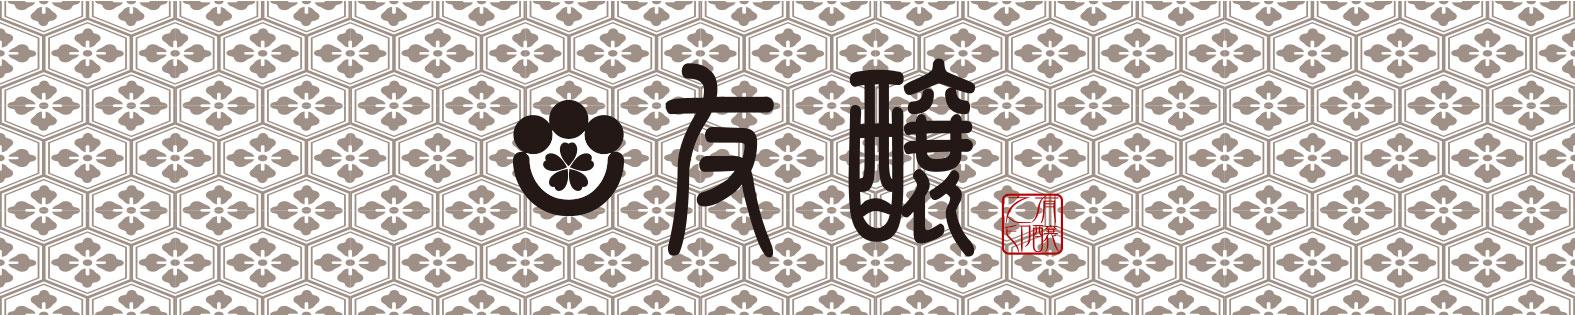 【日本酒】 鉄砲隊 瓶囲い熟成 純米吟醸 無濾過生詰 播州山田錦50 一つ火 限定 23BY_e0173738_1111196.jpg